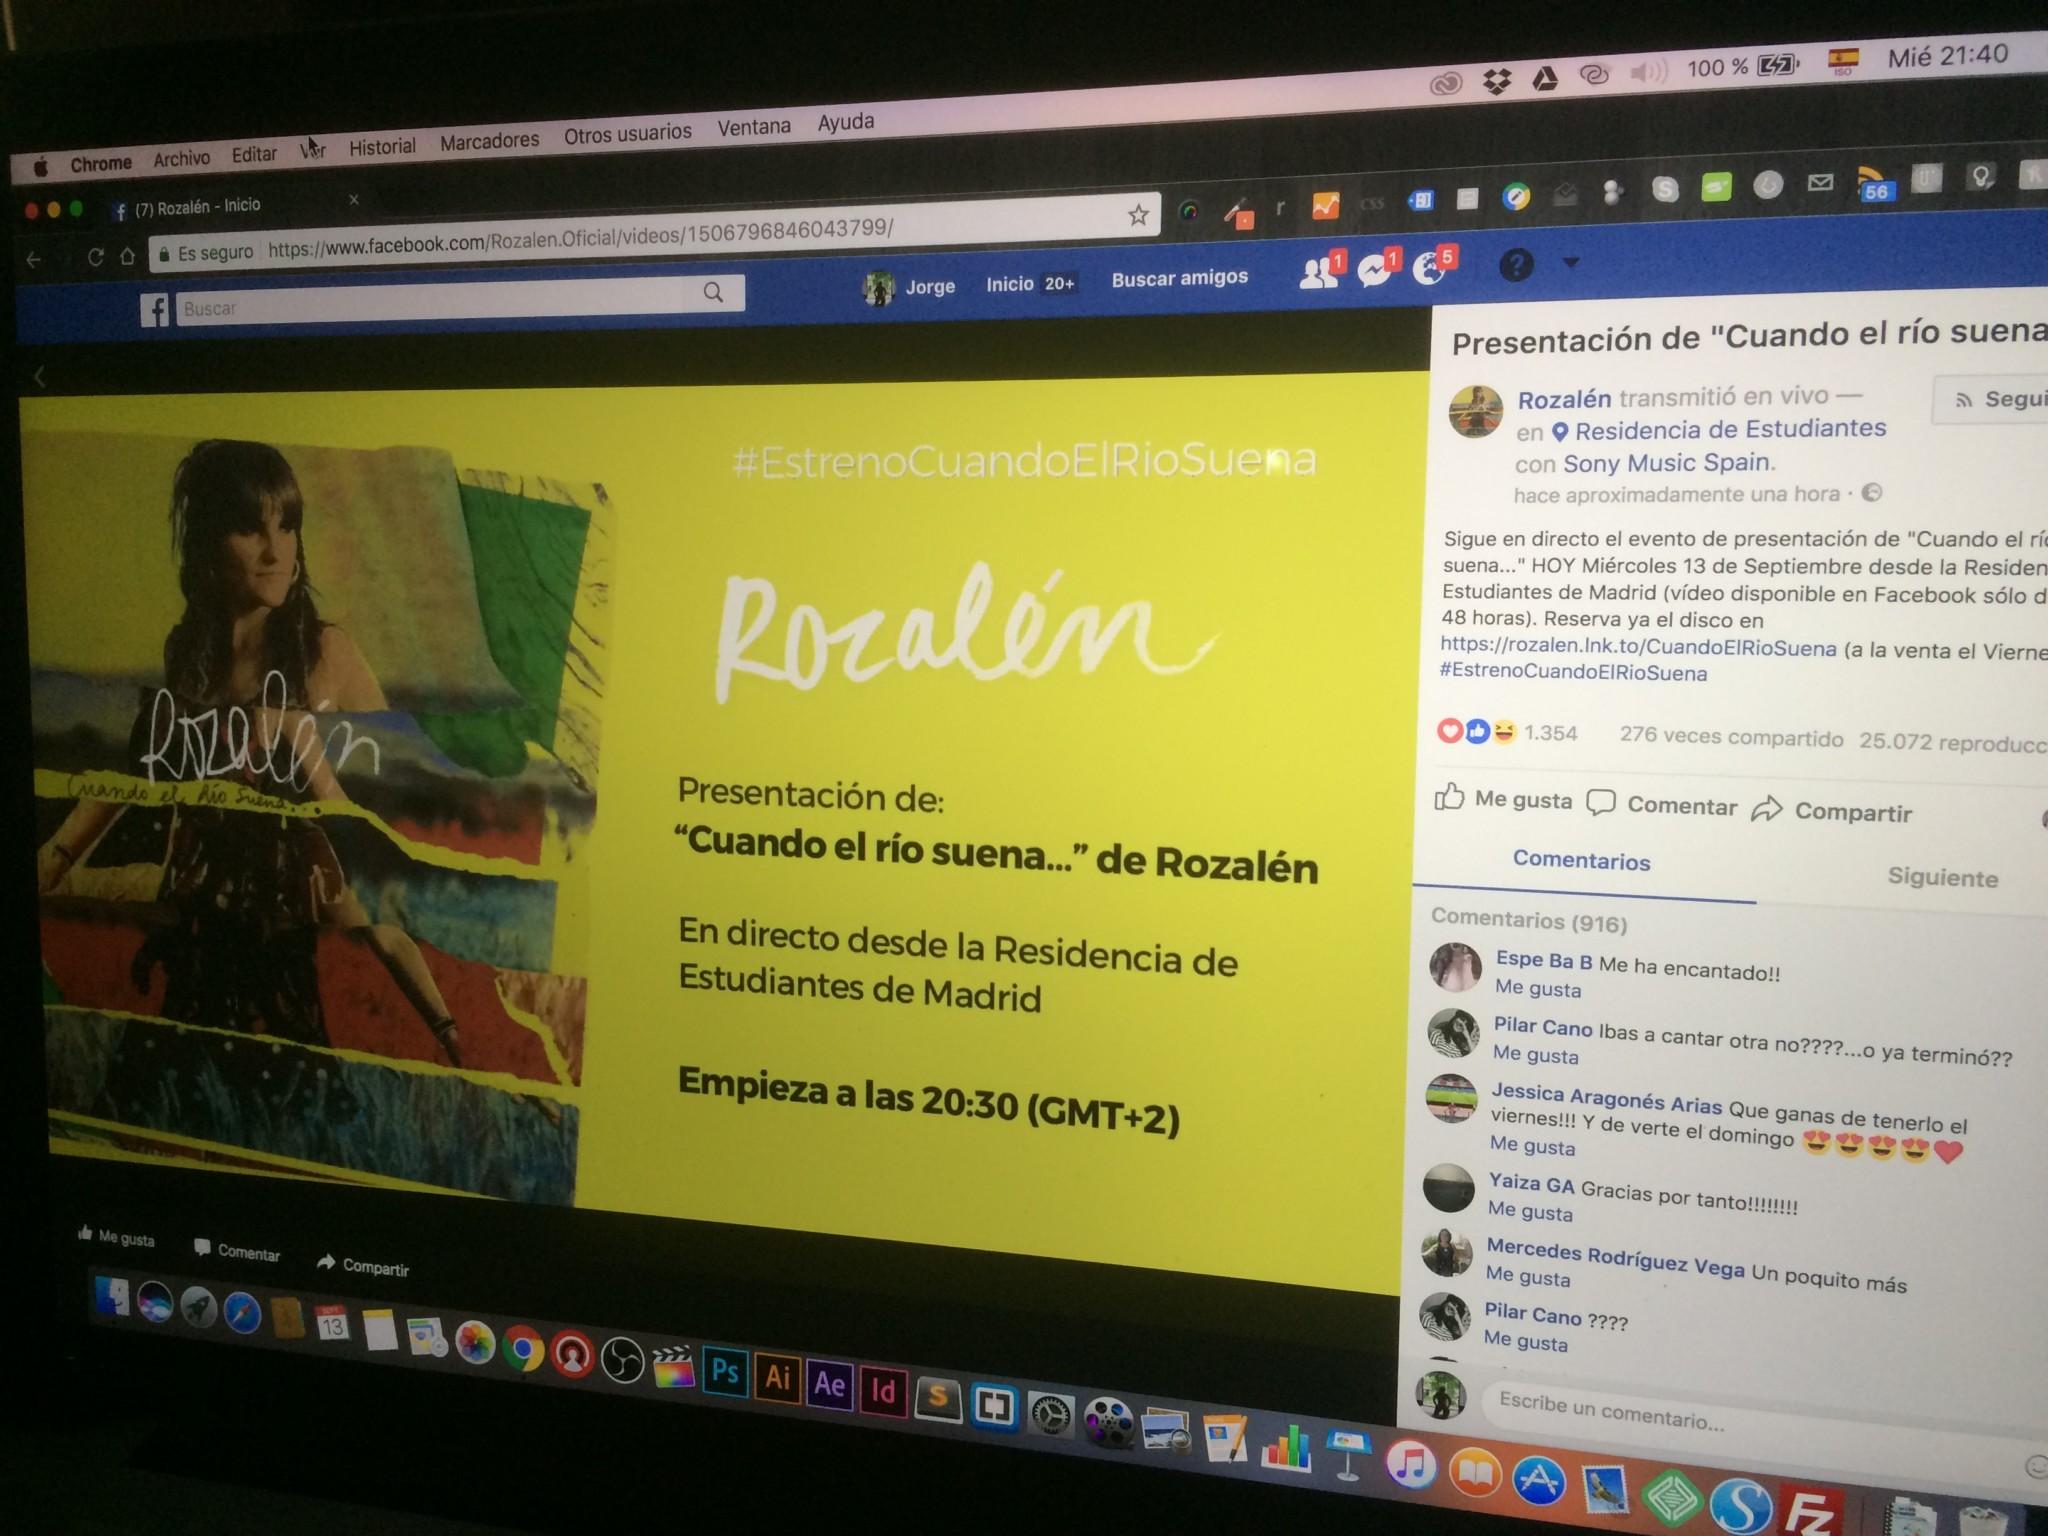 Presentación de disco por Facebook Live 4